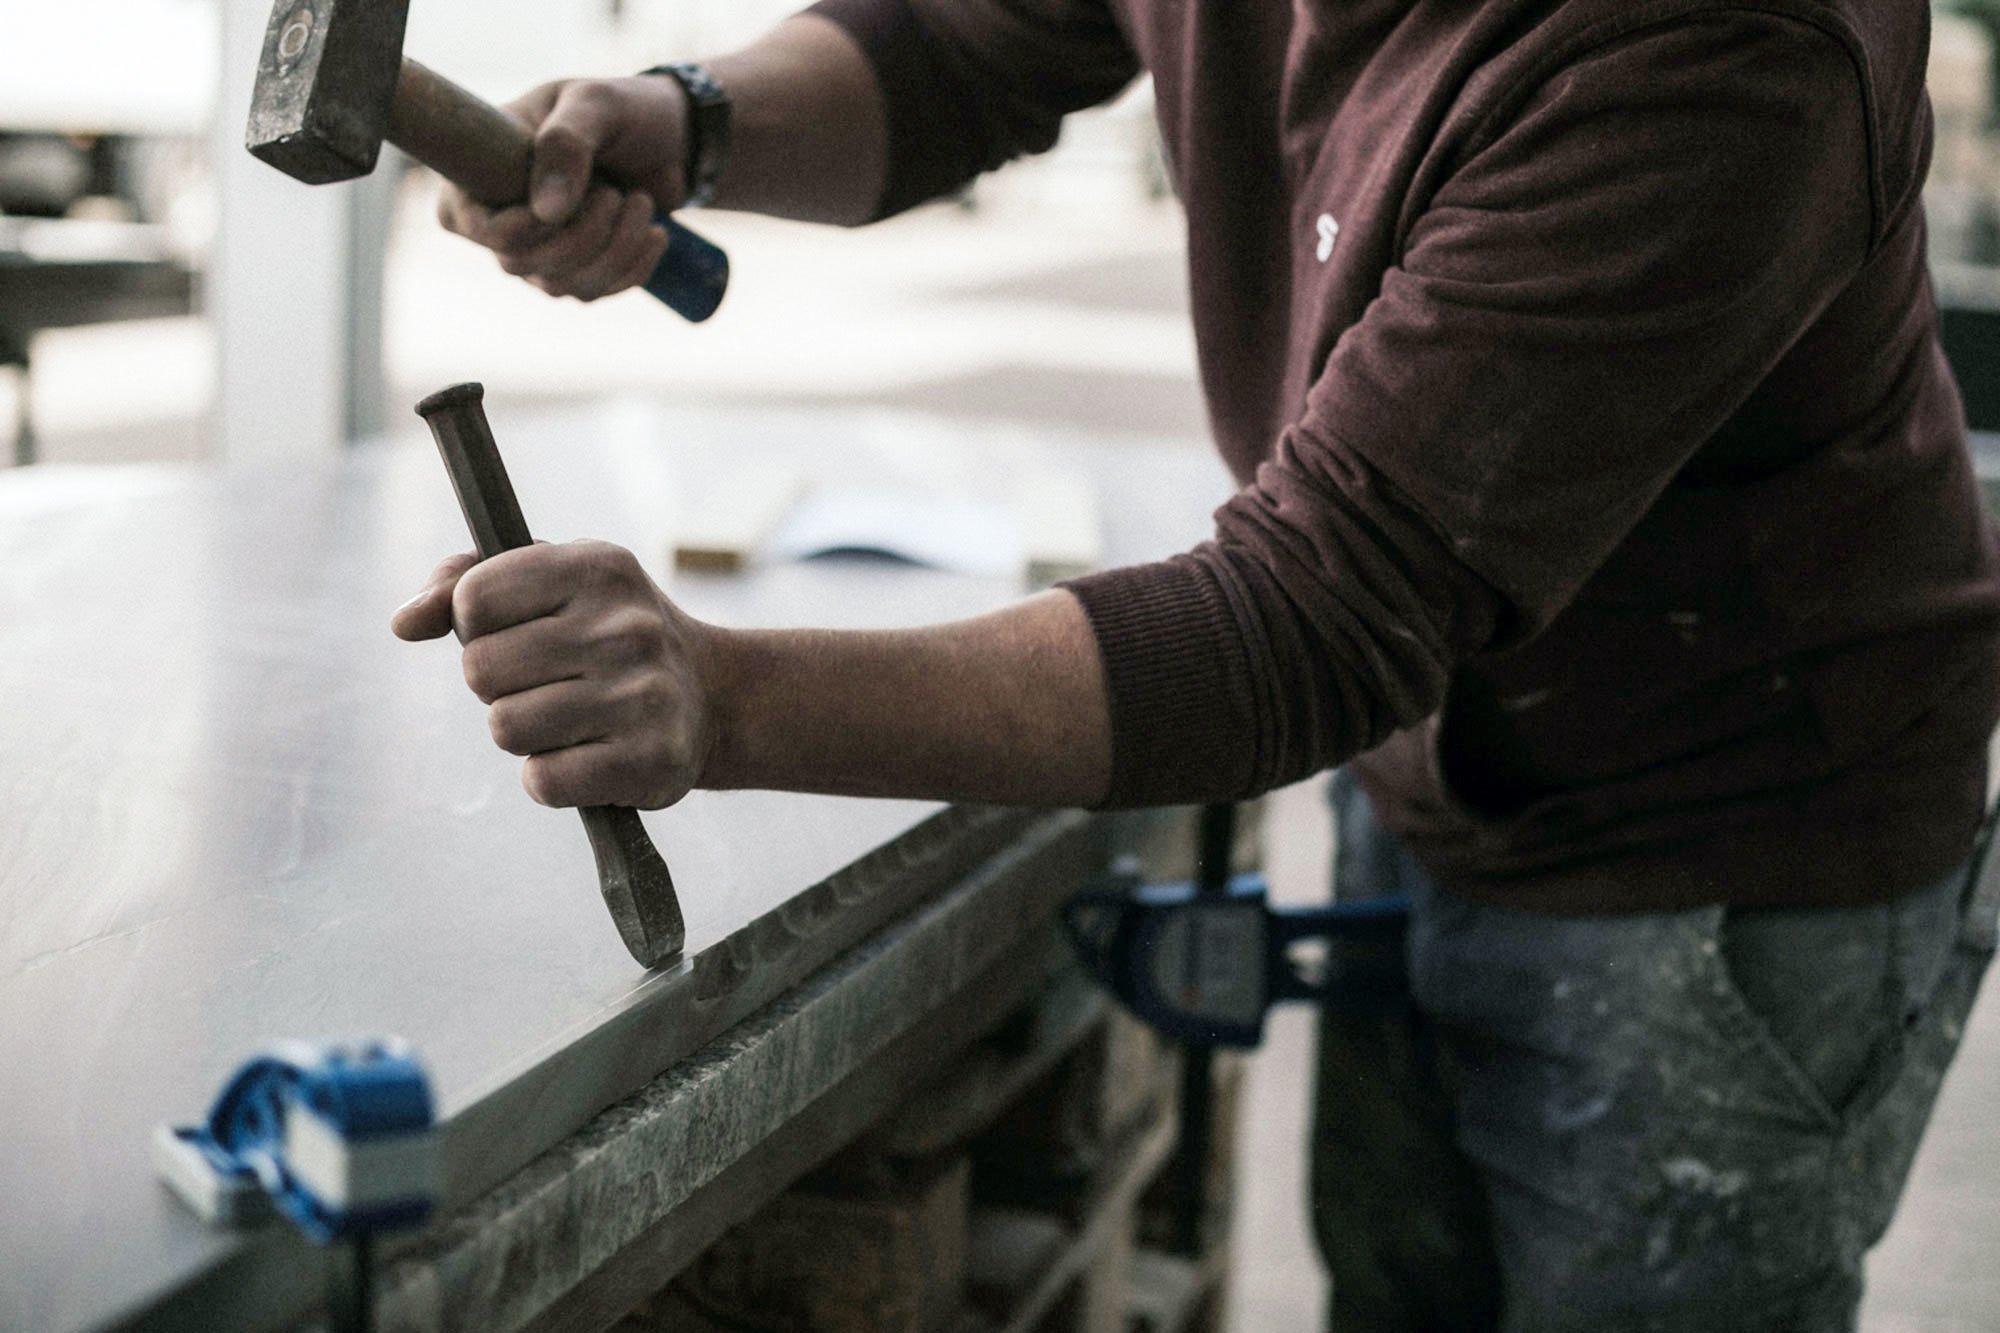 Es steckt viel Handarbeit in Natursteinprodukten wie Arbeitsplatten oder ganzen Küchenblöcken. Das zeigt ein Blick hinter die Kulissen der Thüringer Natursteinmanufaktur MCR. Foto/Copyright: MCR